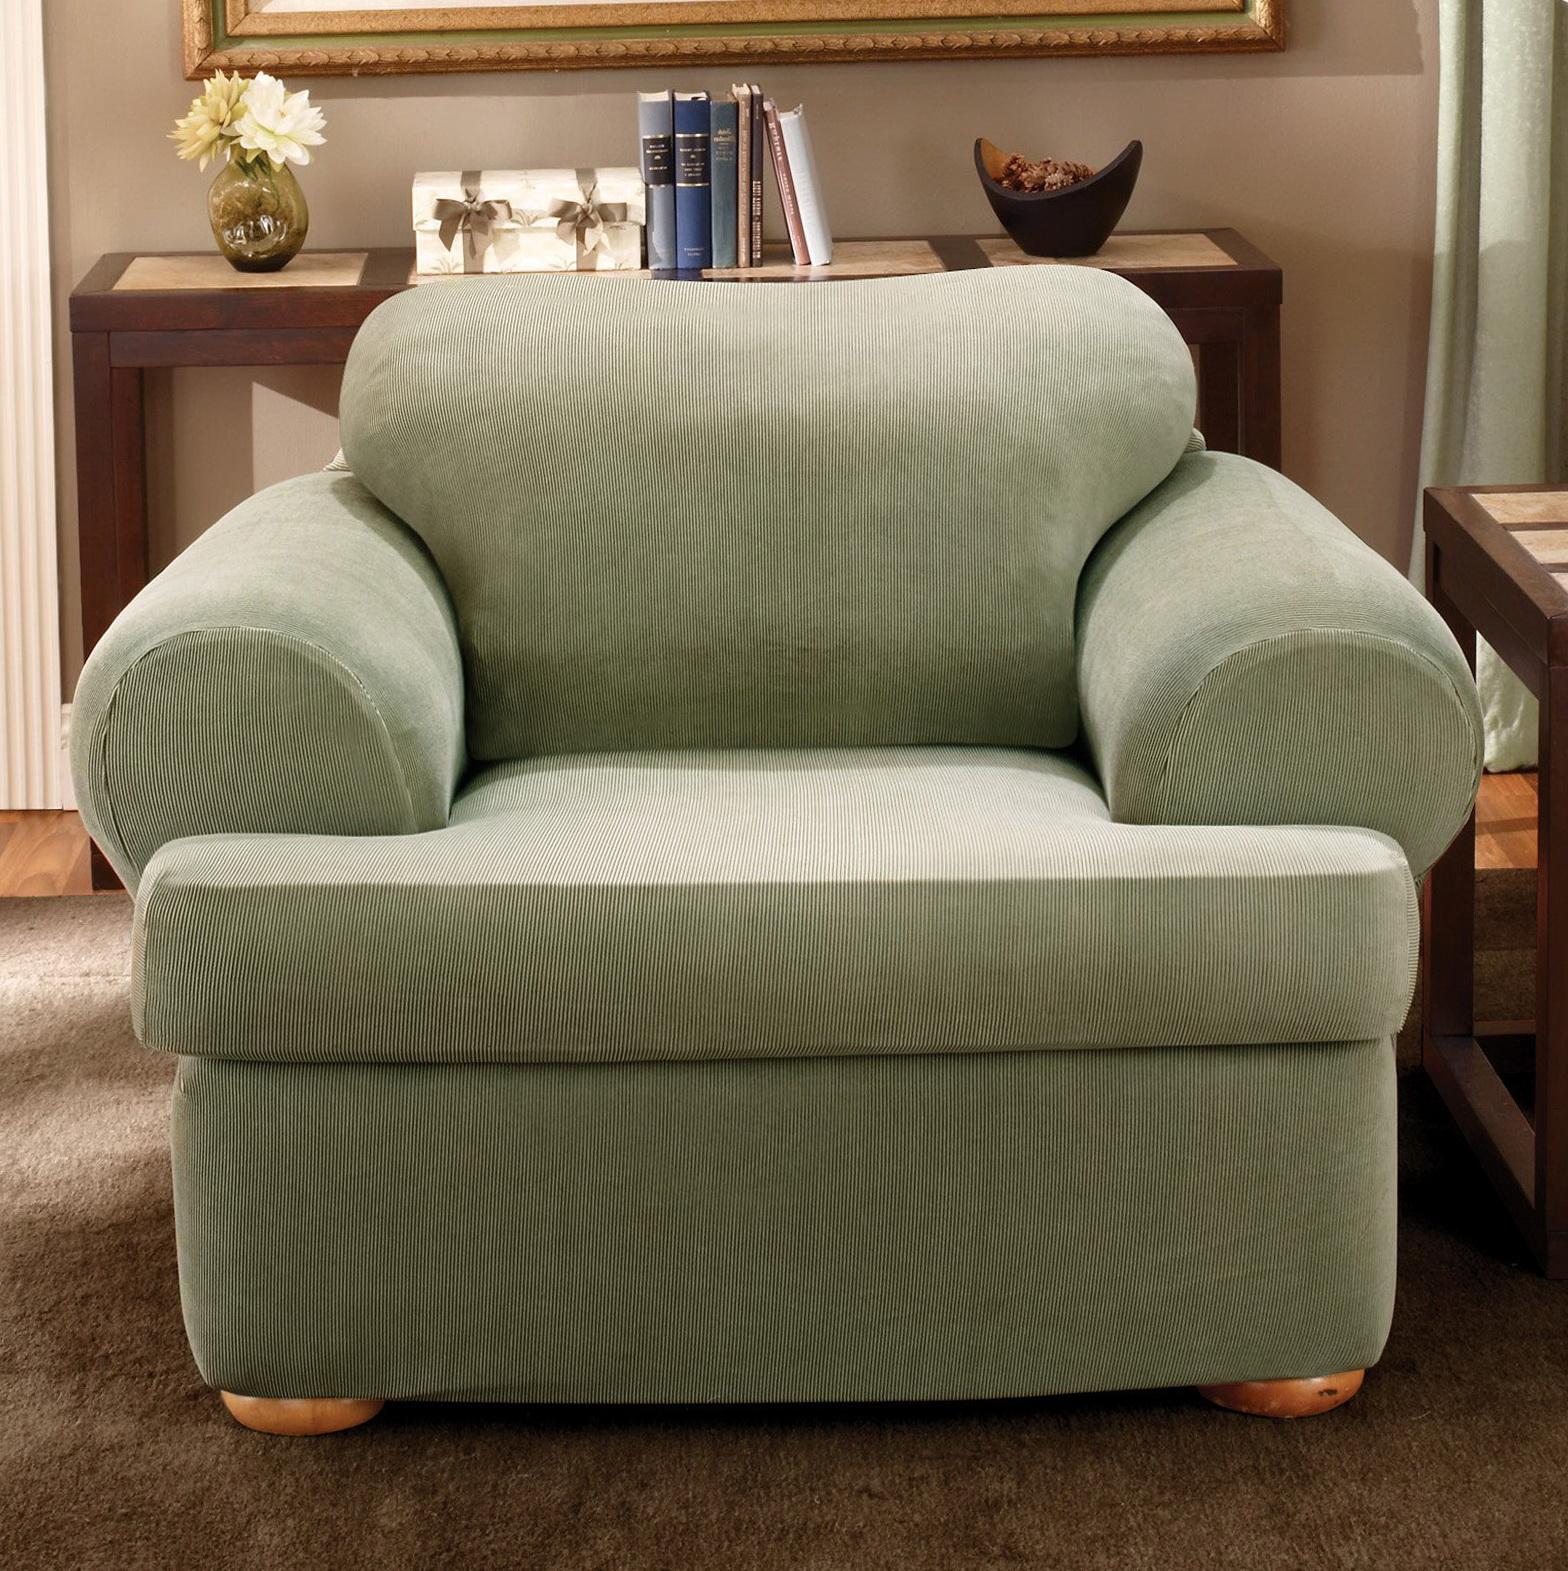 T Cushion Chair Slipcover White Home Design Ideas